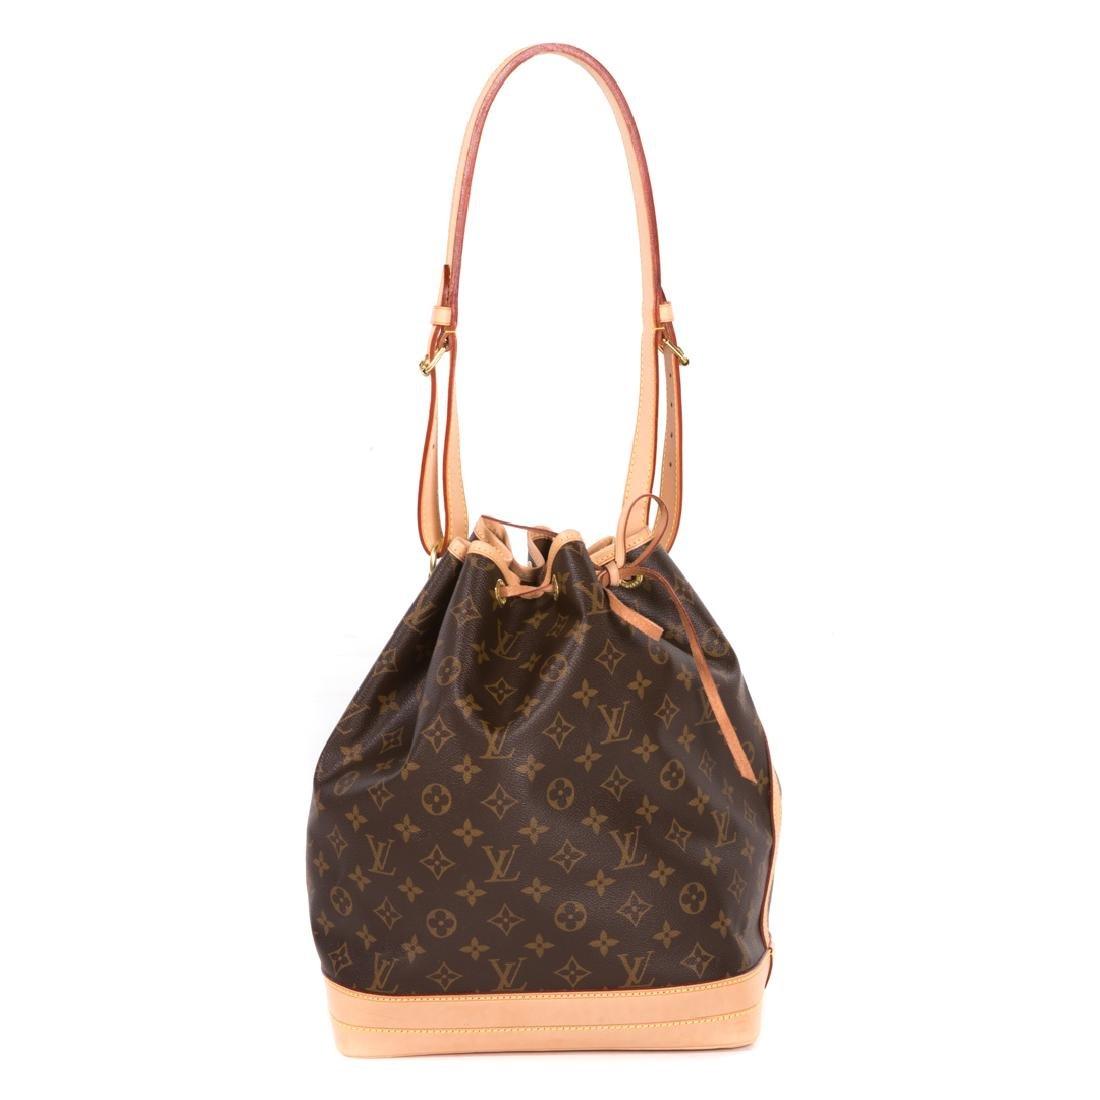 A Louis Vuitton Noé Monogram Handbag